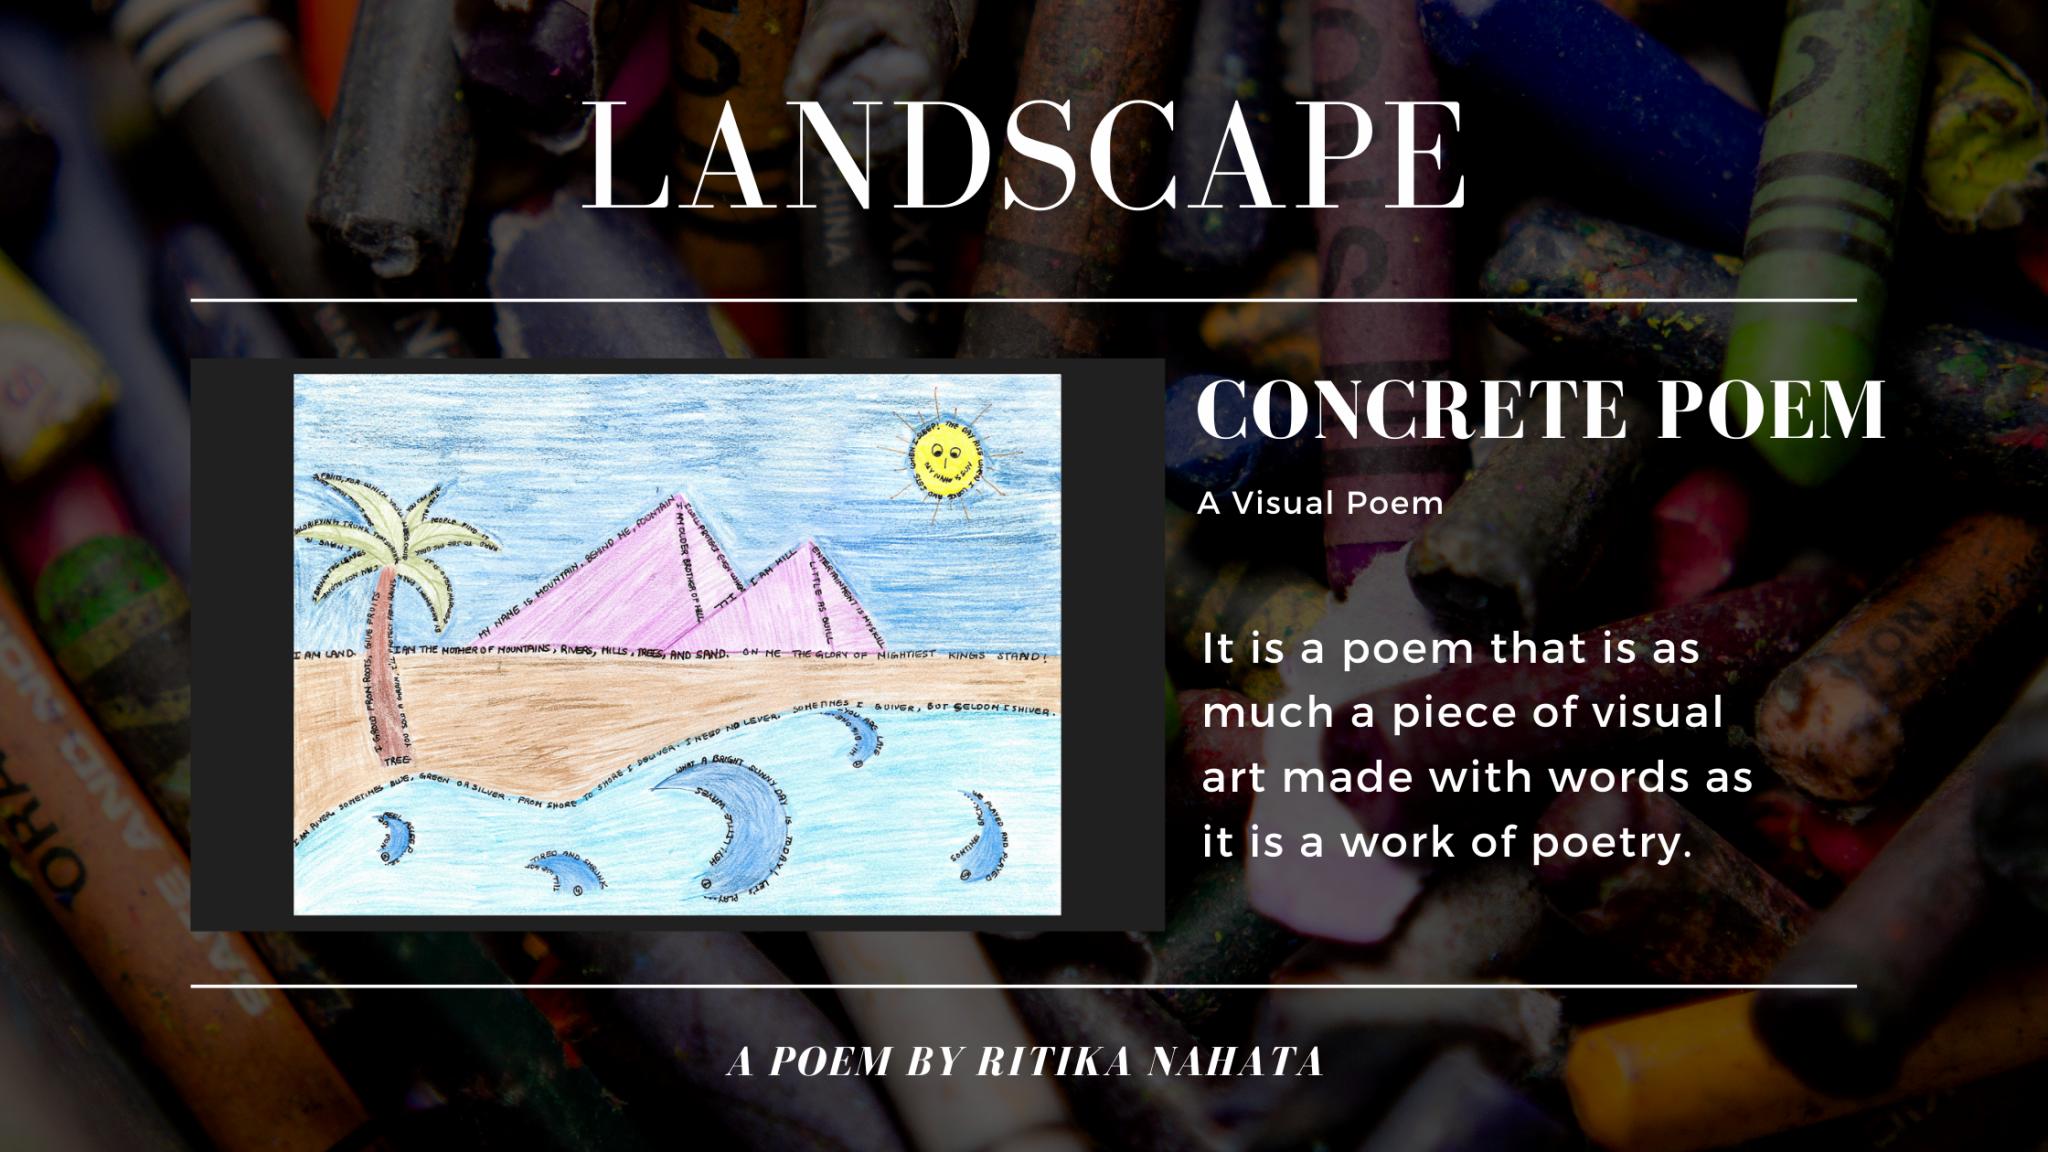 Landscape | A Concrete Poem by Ritika Nahata at UpDivine.com